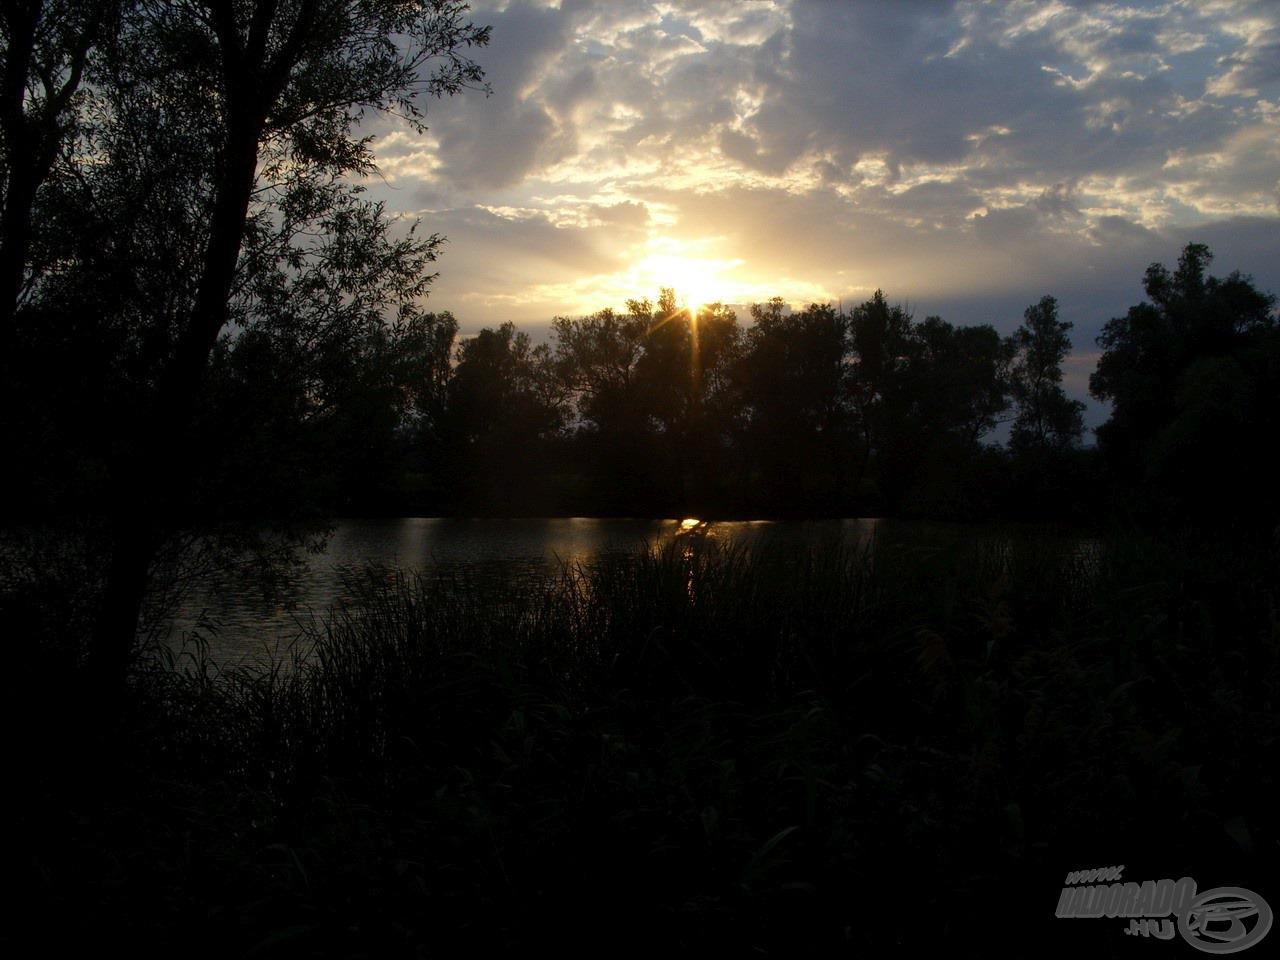 A rendületlenül tüzelő nap hamarosan lebukott a túlparti fák koronája mögött. Nagyon reménykedtem az előttem álló éjszakában…